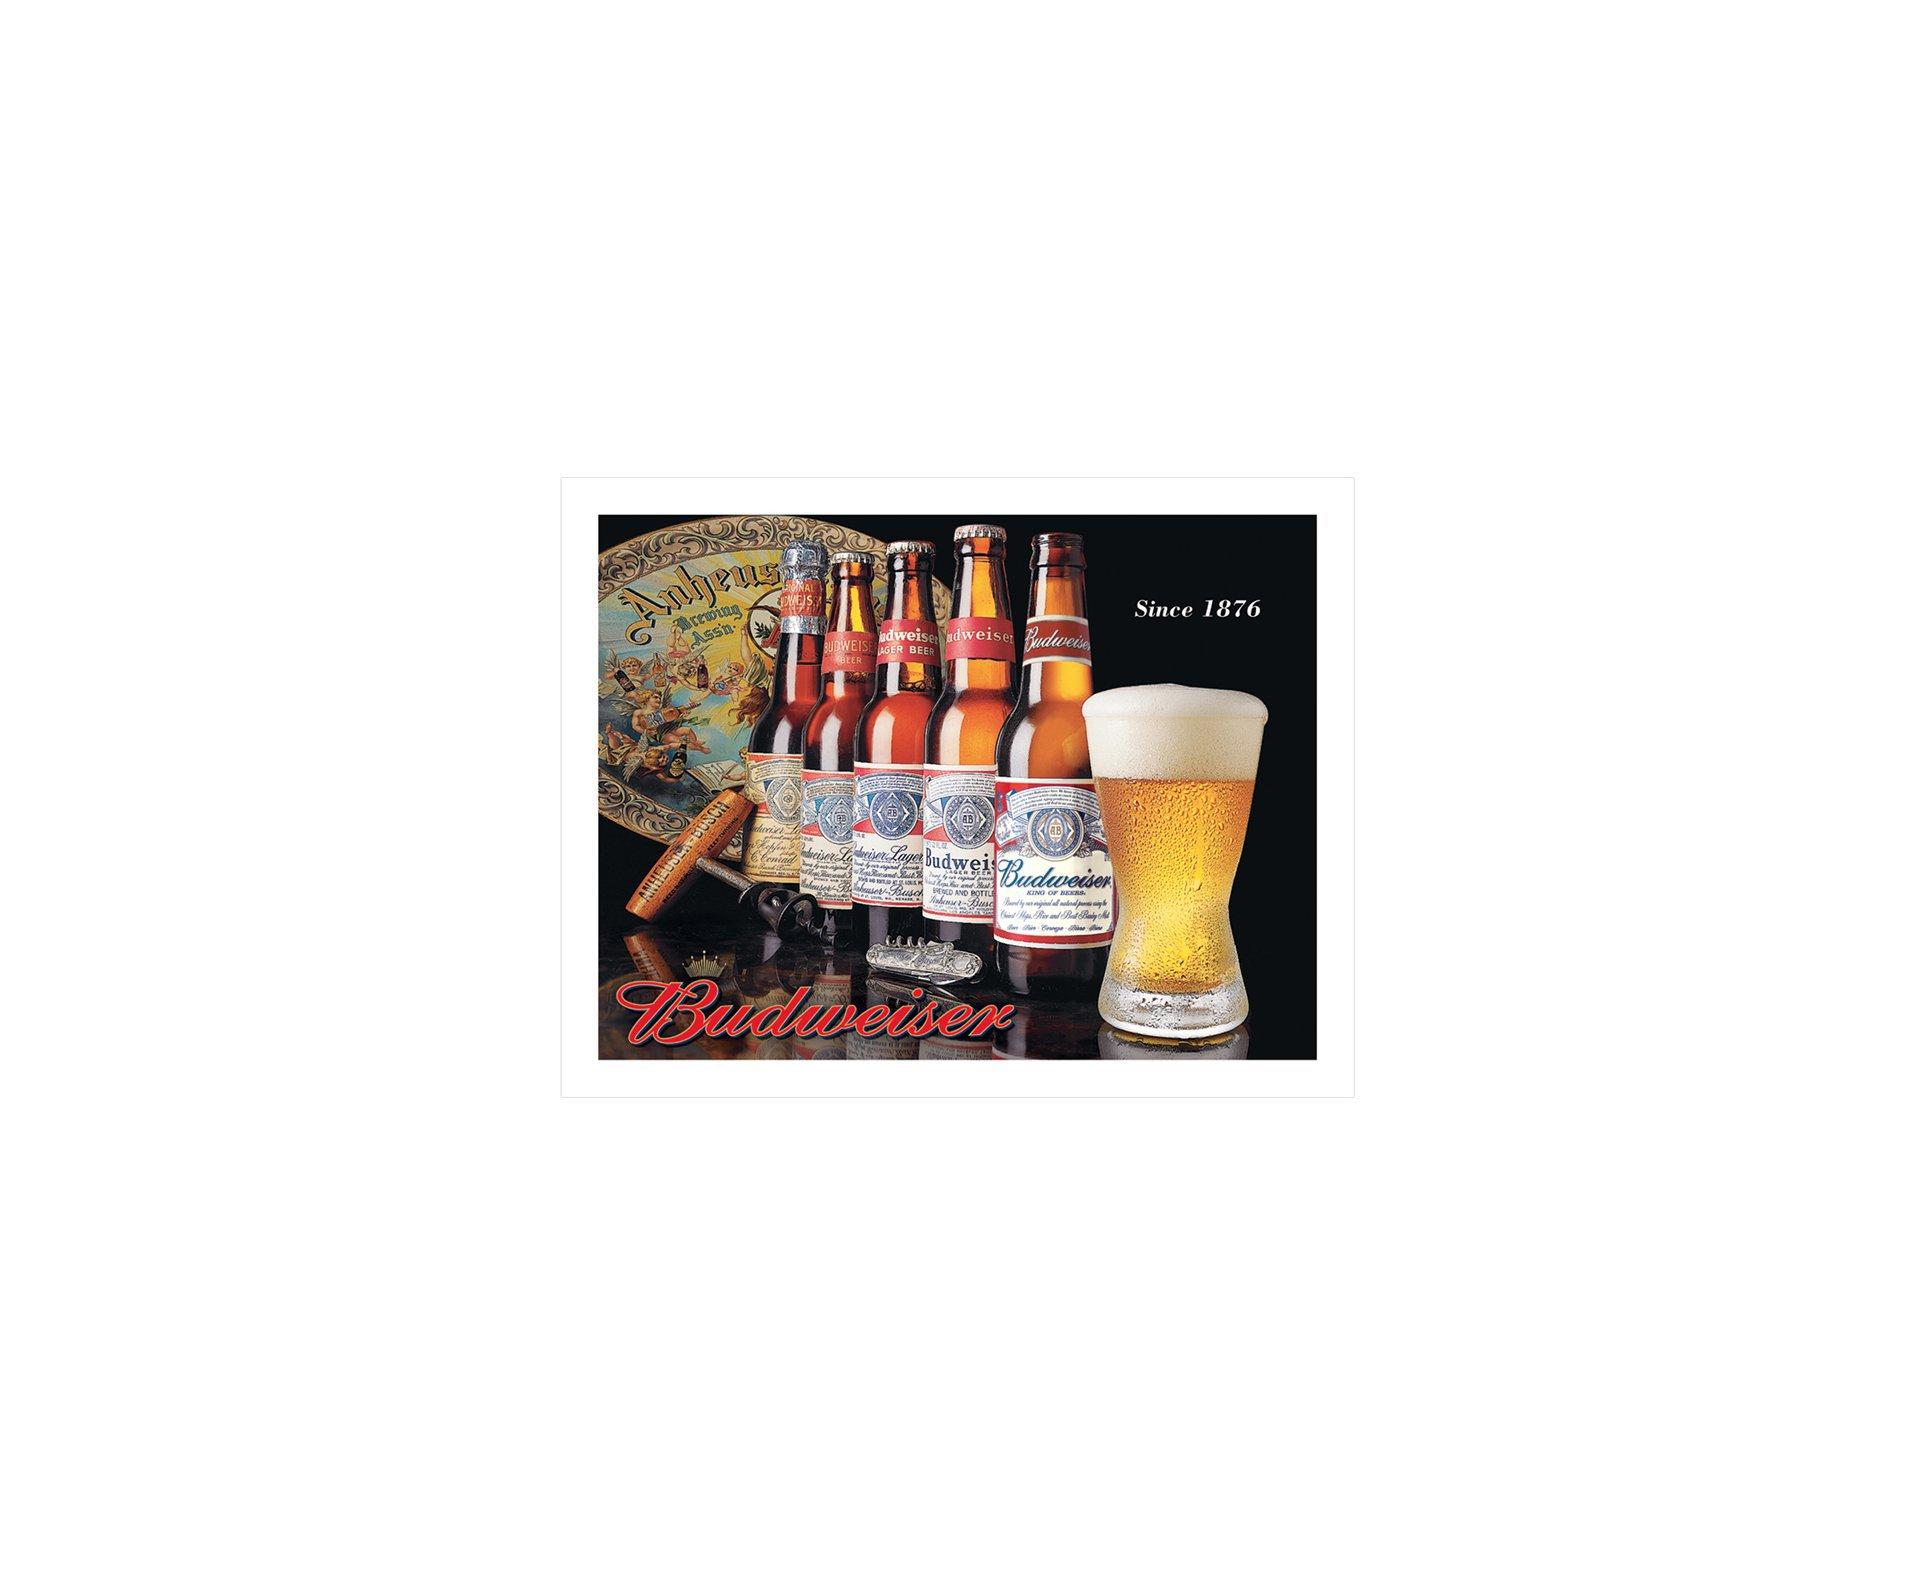 Placa Metálica Decorativa Budweiser Evolution - Rossi